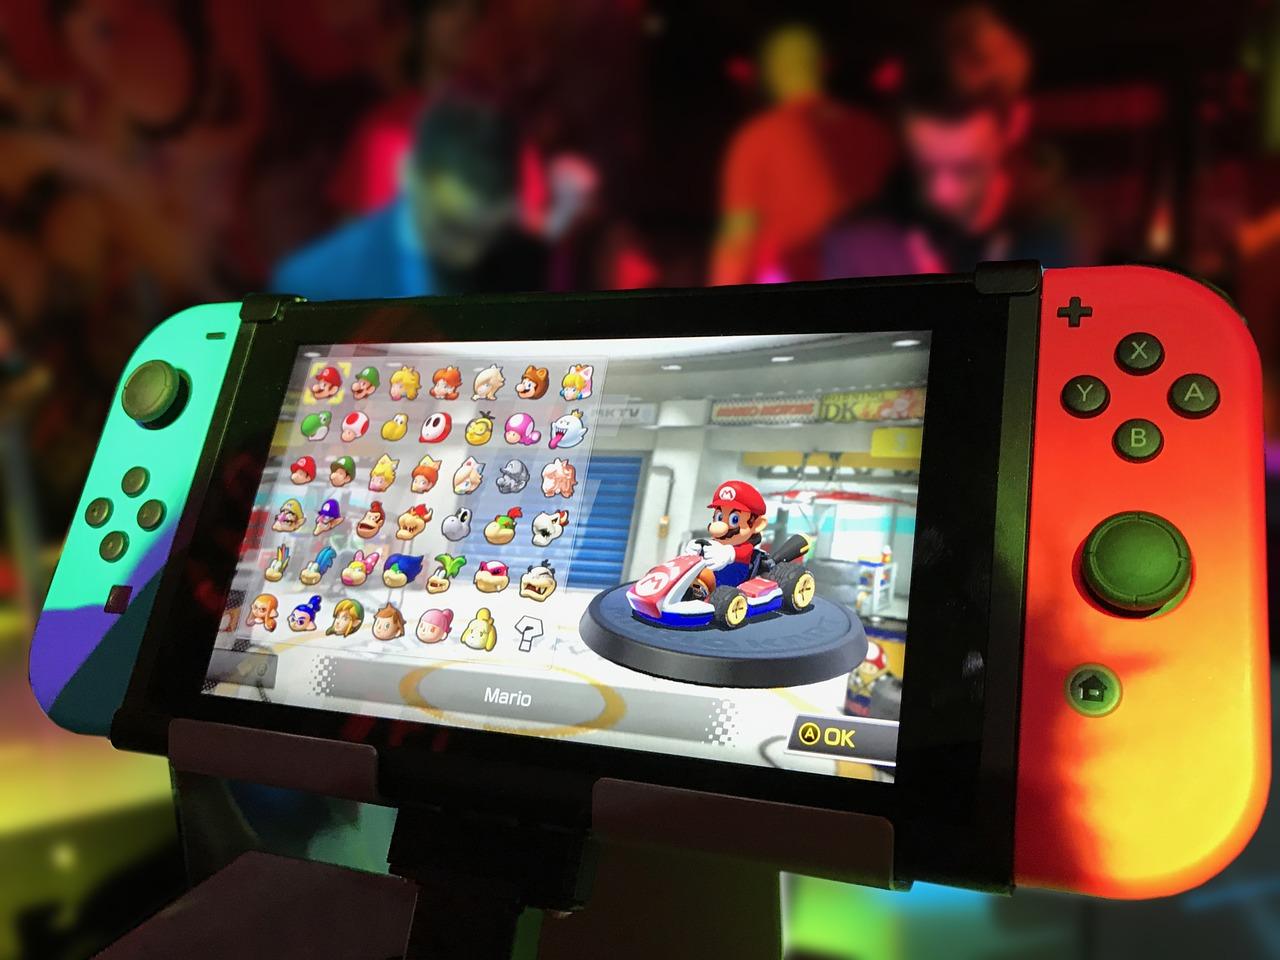 Nintendo ztrojnásobilo zisk, poptávka po herních konzolích neklesá